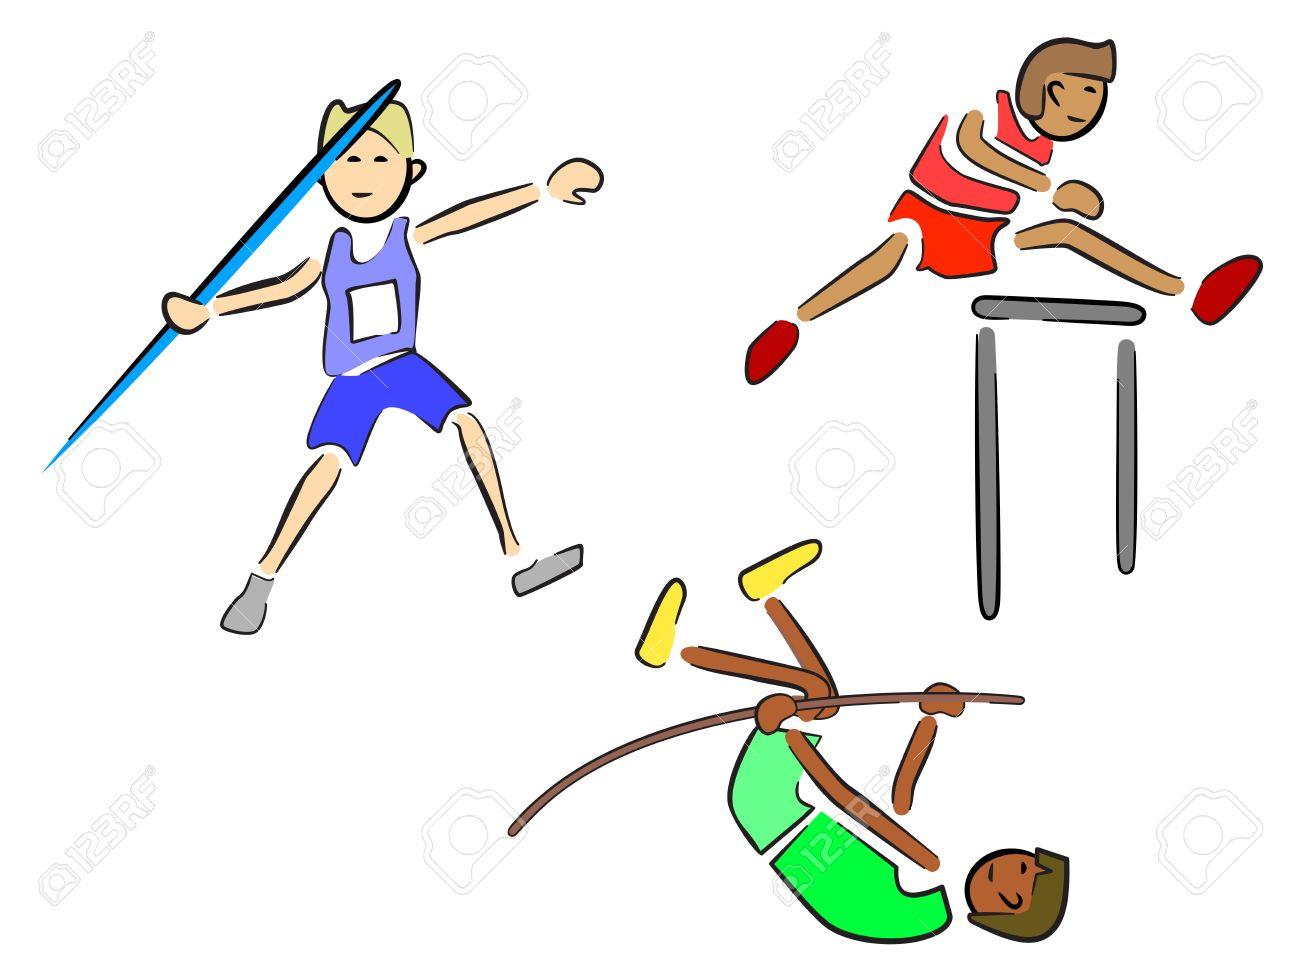 13846530-los-atletas-atletismo-jabalina-vallas-y-salto-con-pértiga